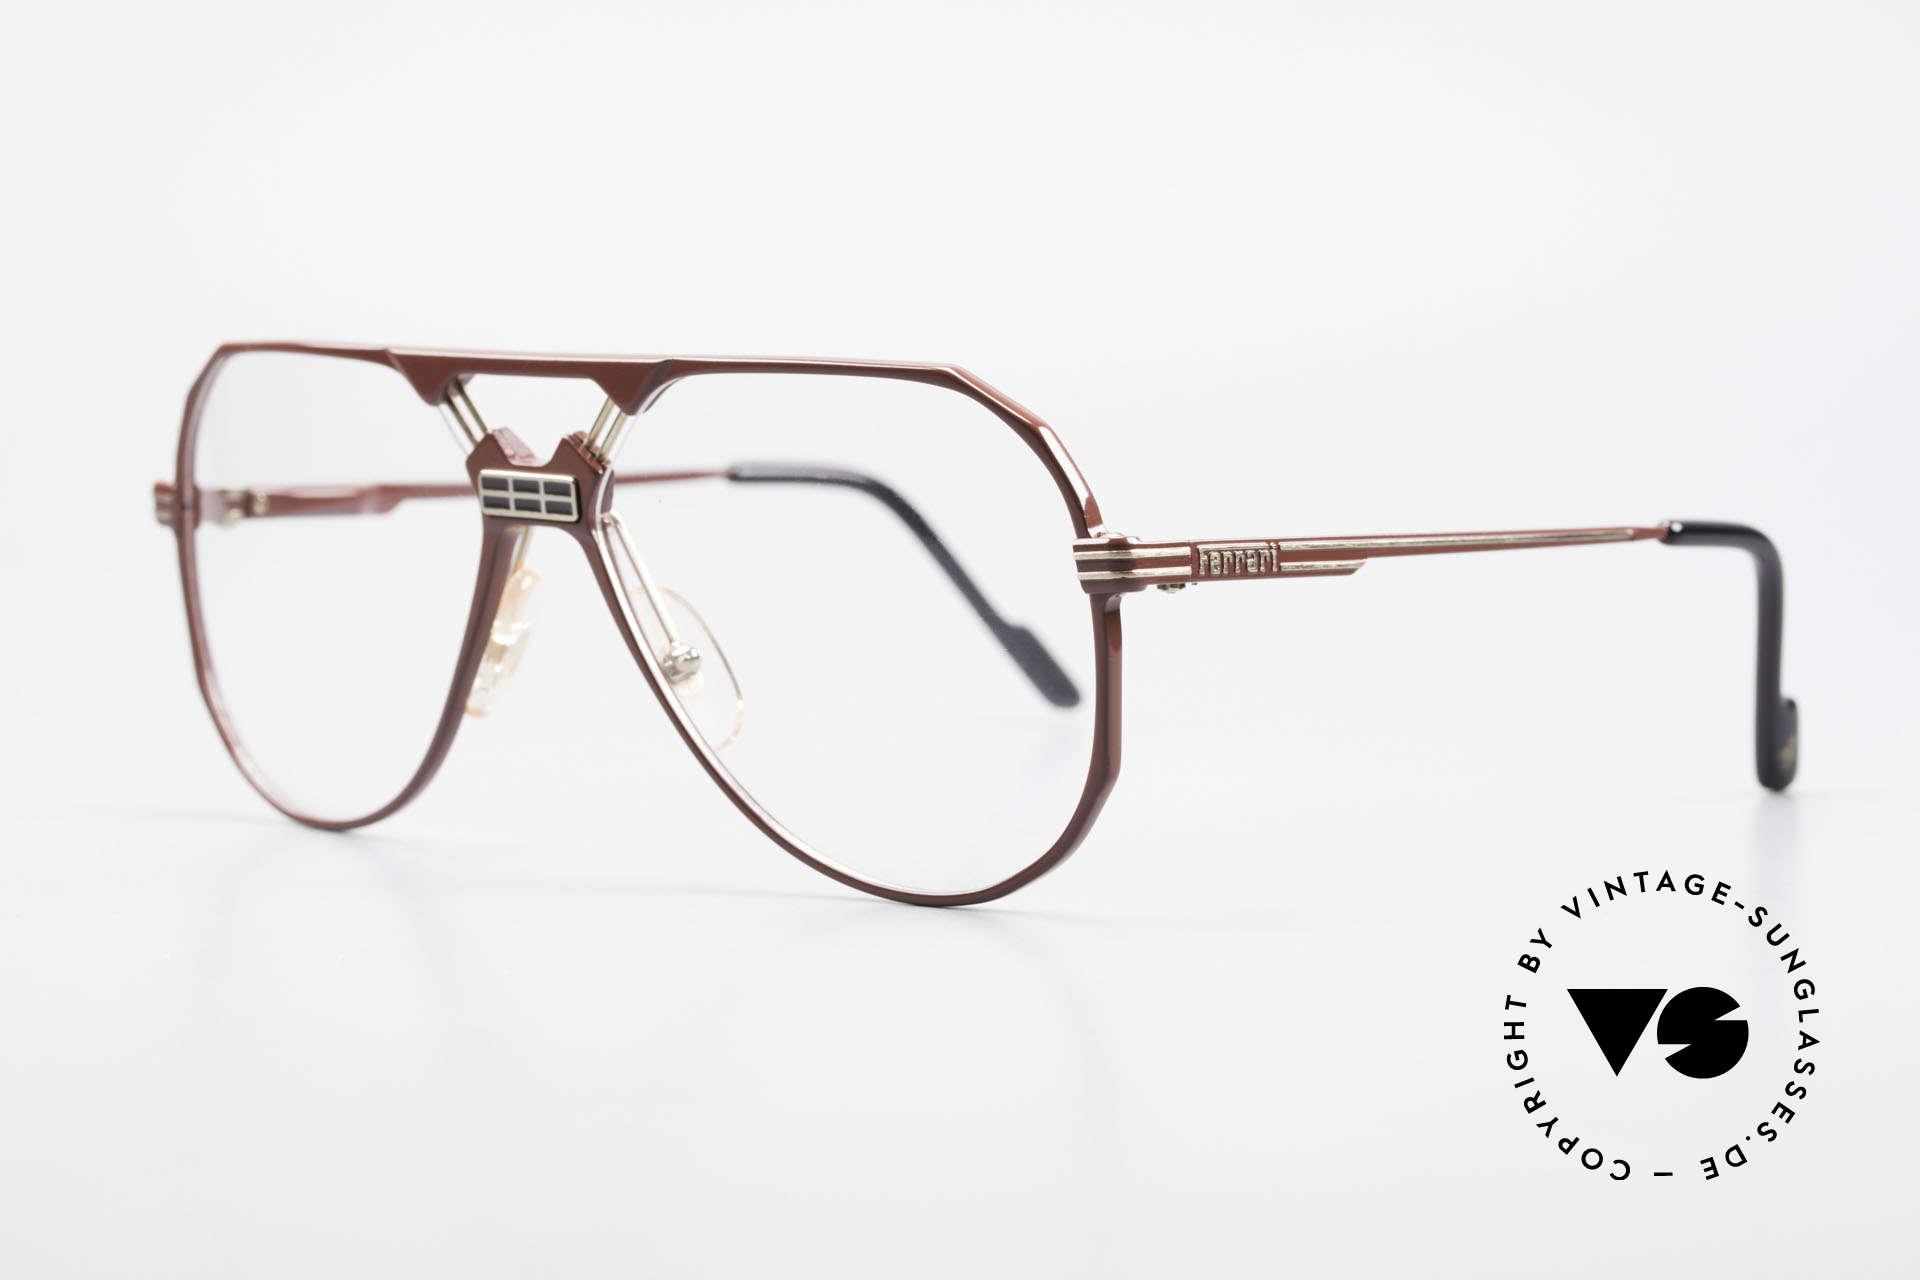 Ferrari F23 90's Ferrari Formula 1 Glasses, noble frame design (hybrid between sport & chic), Made for Men